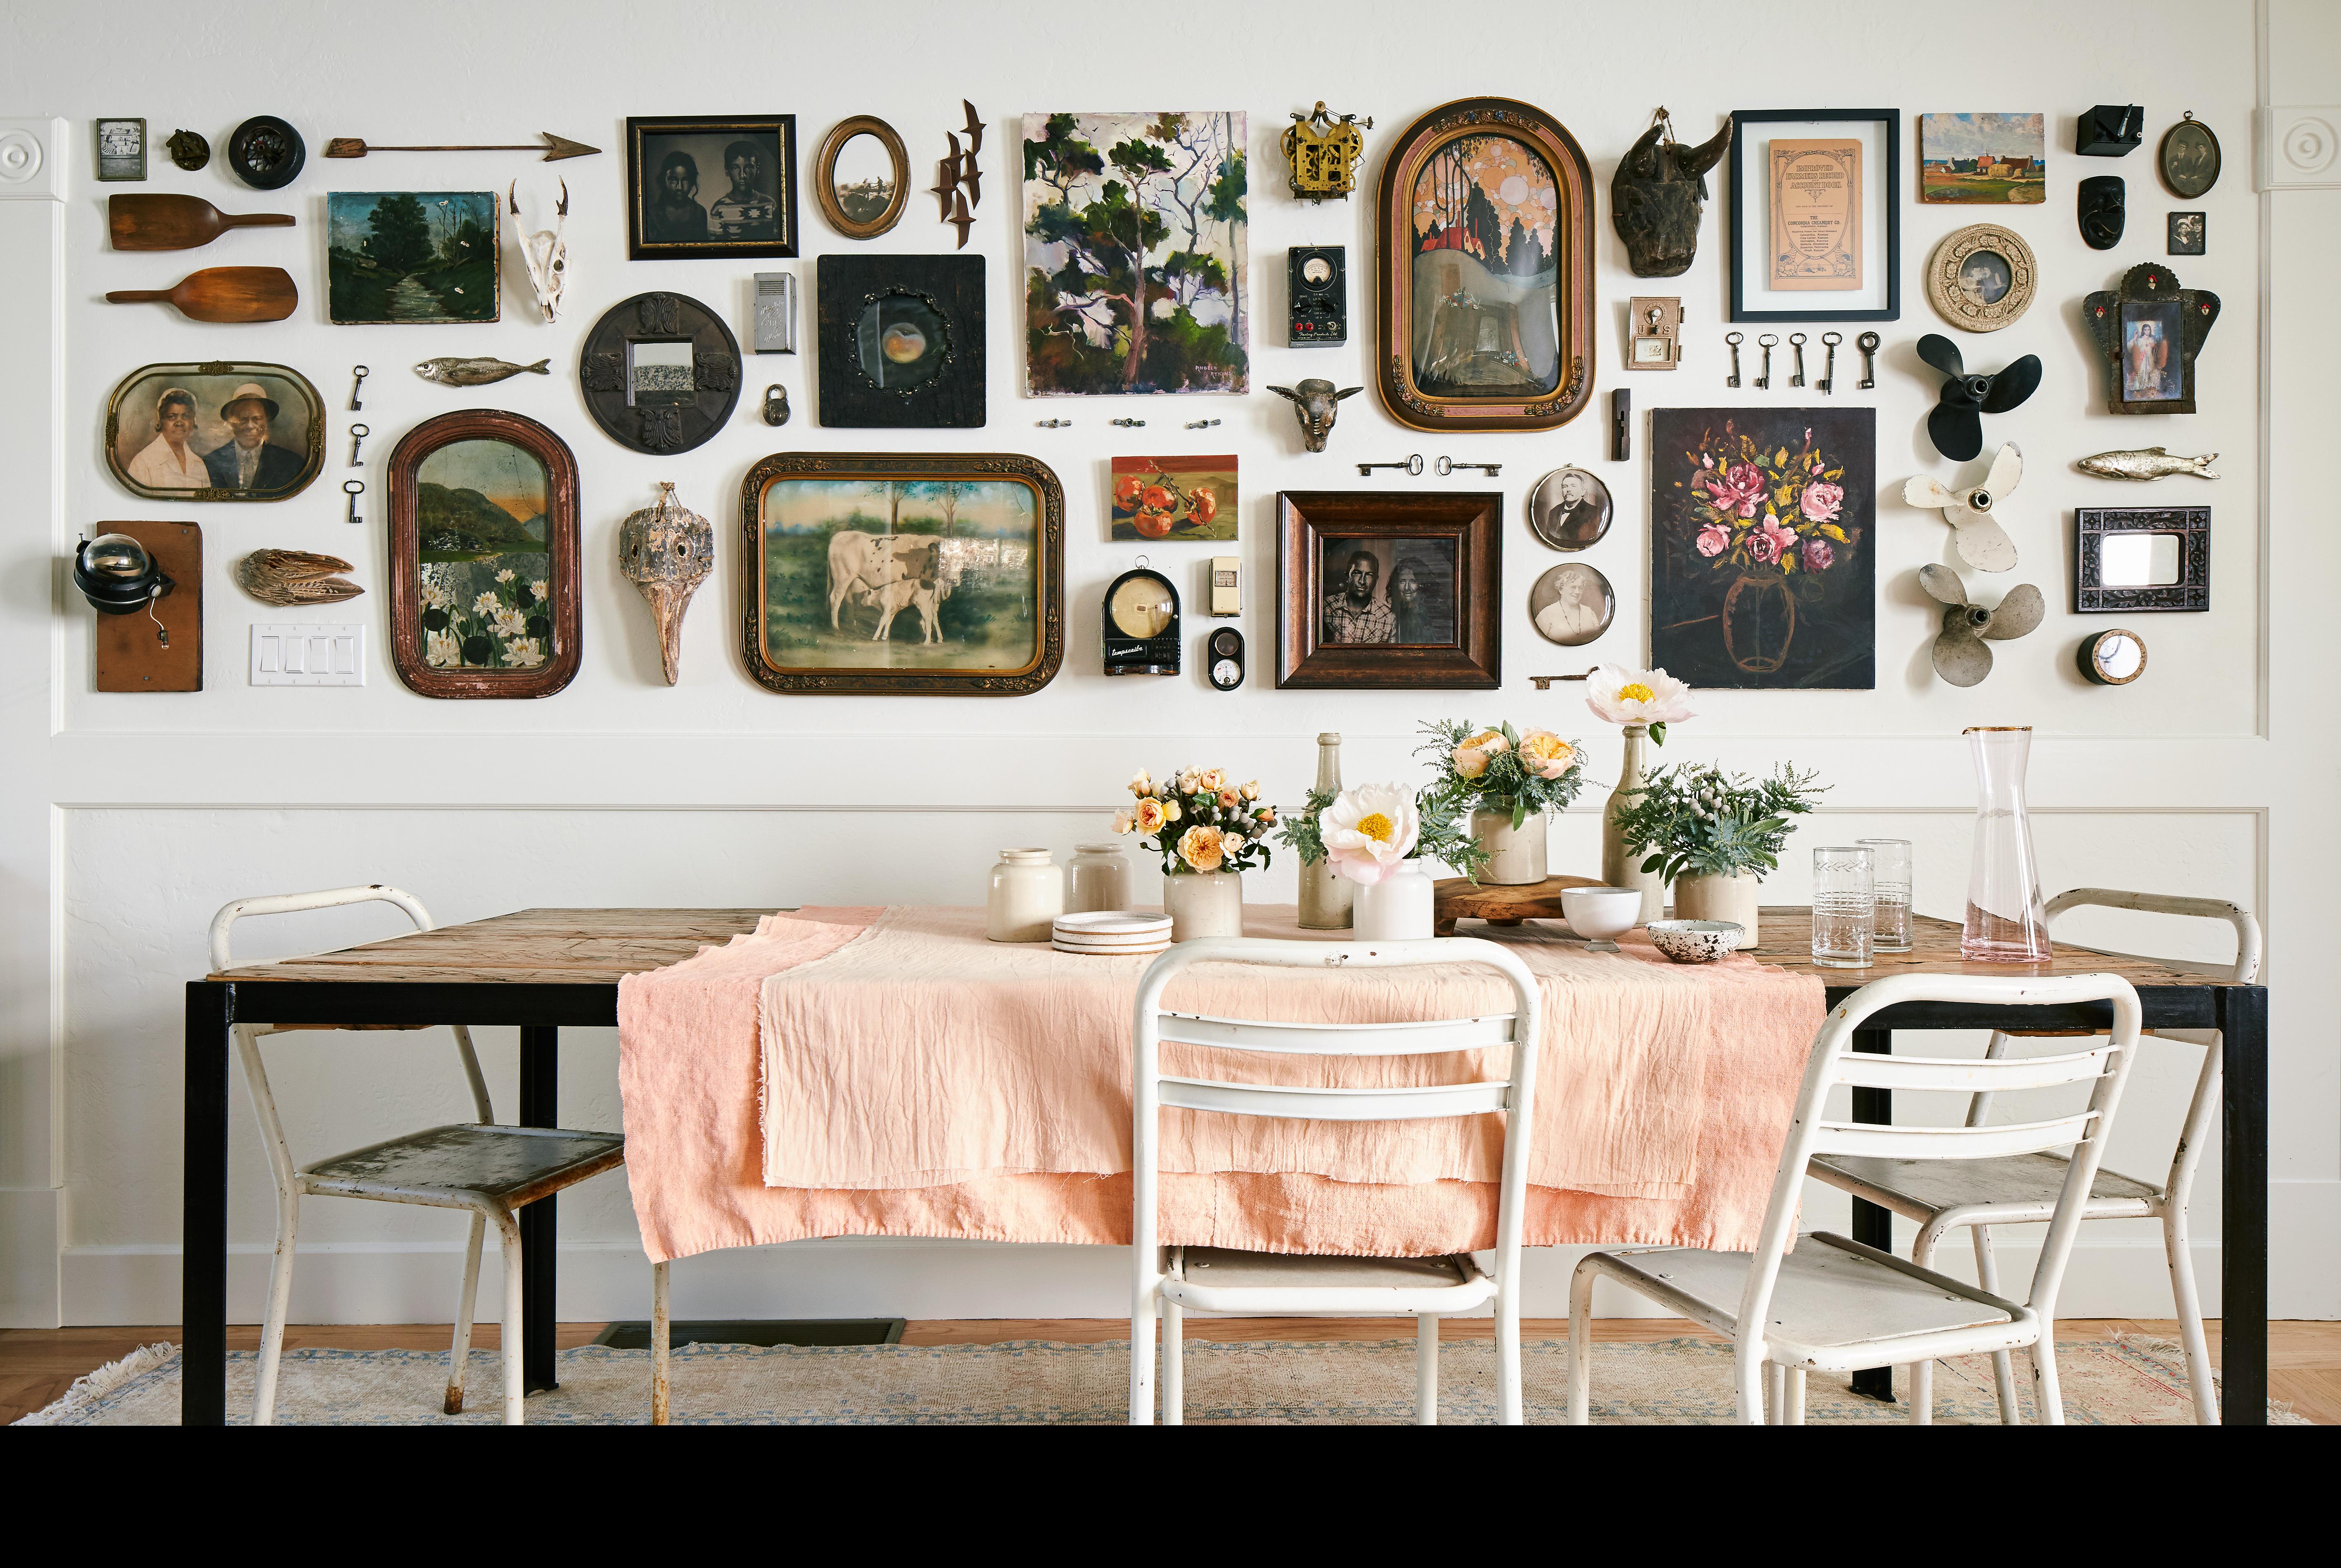 Interior Design With Art